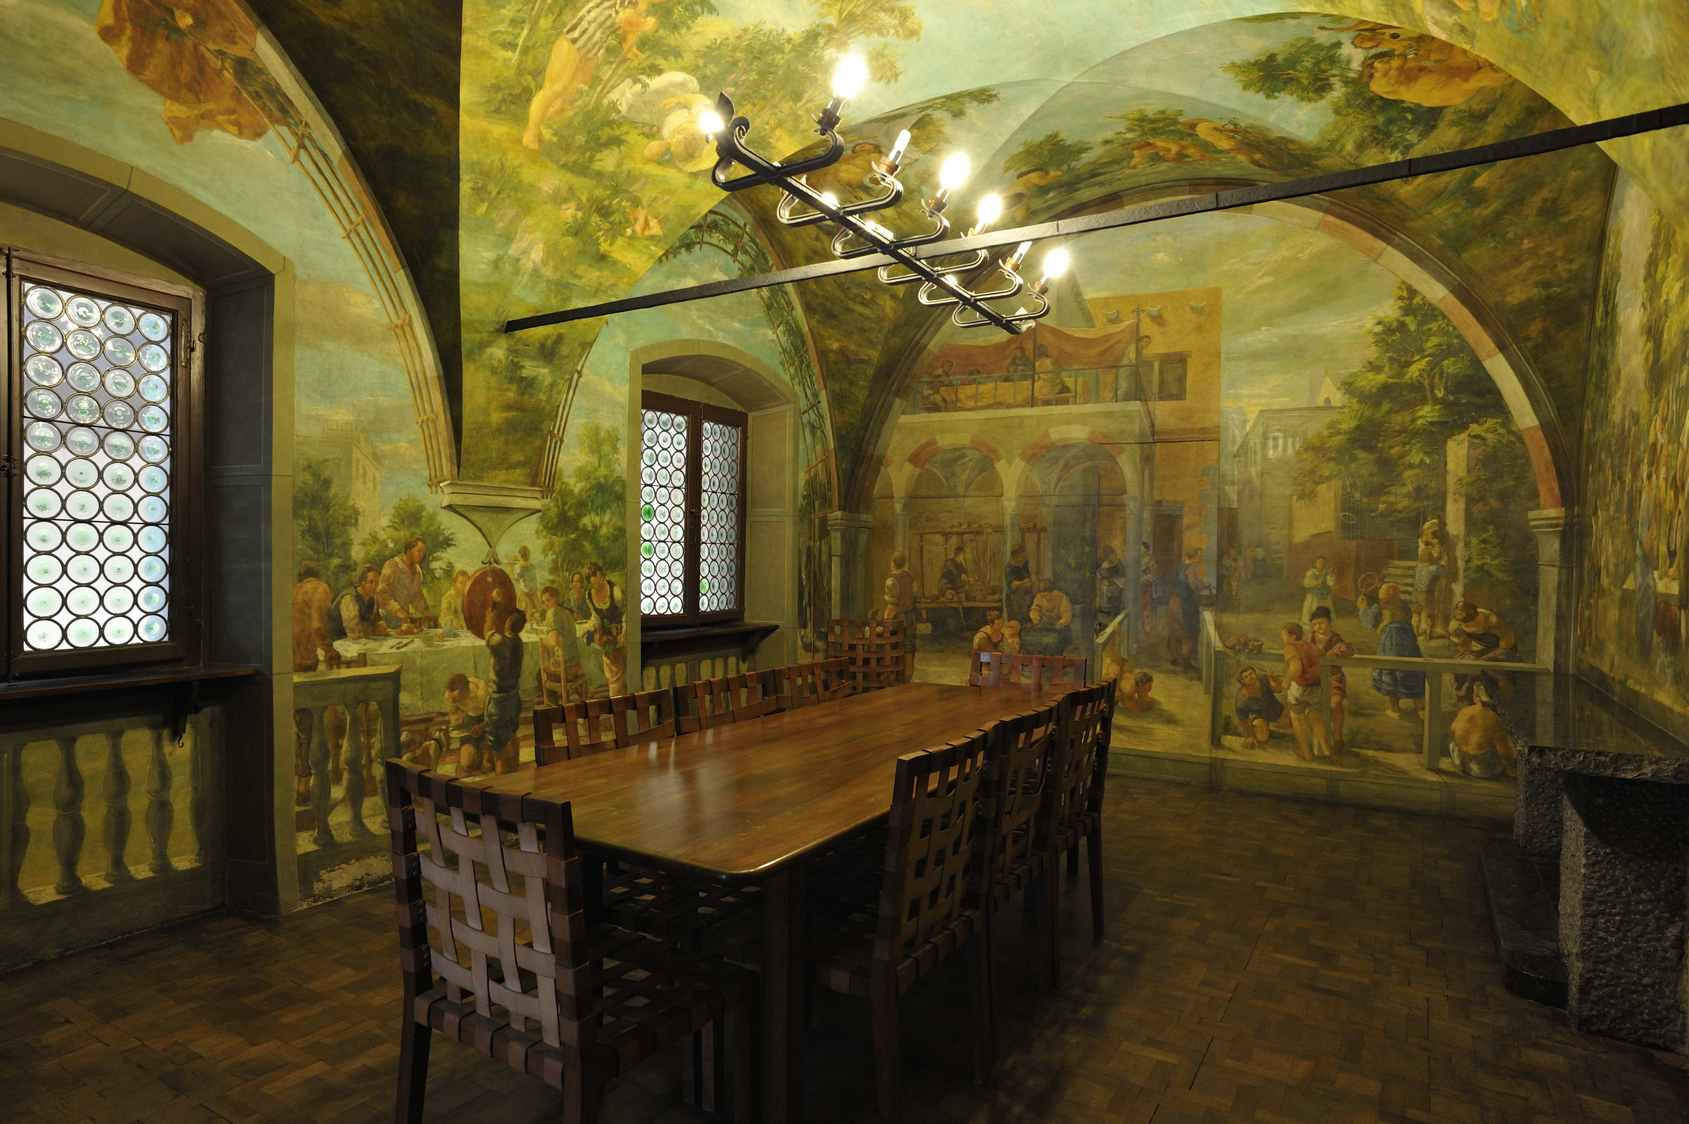 Casa cavazzini civici musei di udine for Casa moderna udine